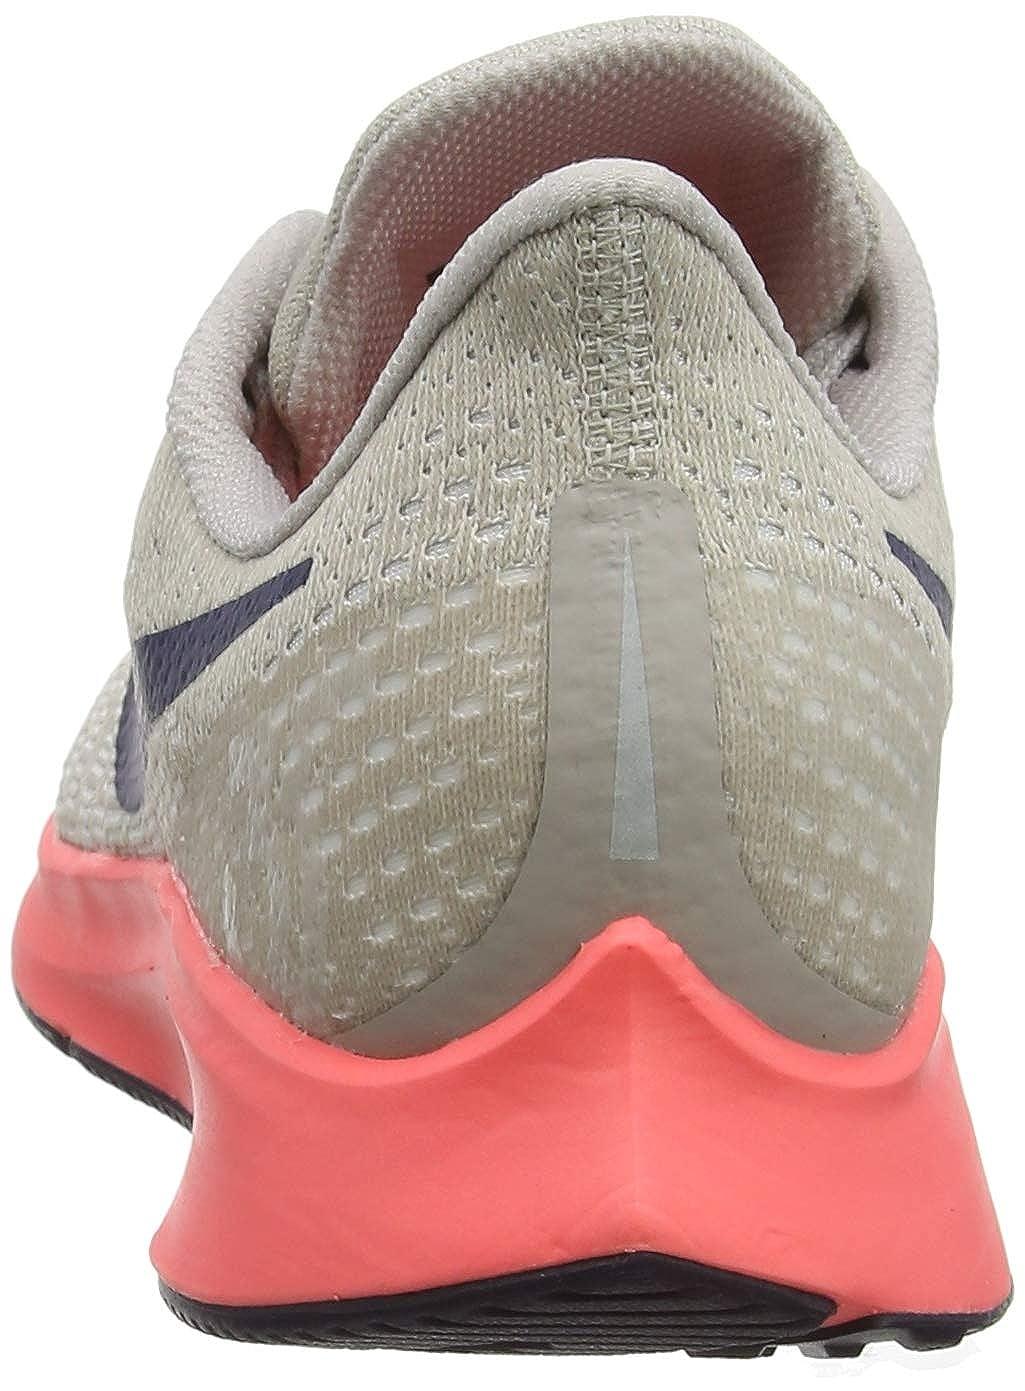 Nike Air Zoom Pegasus 35 Mens 942851-200 Size 7